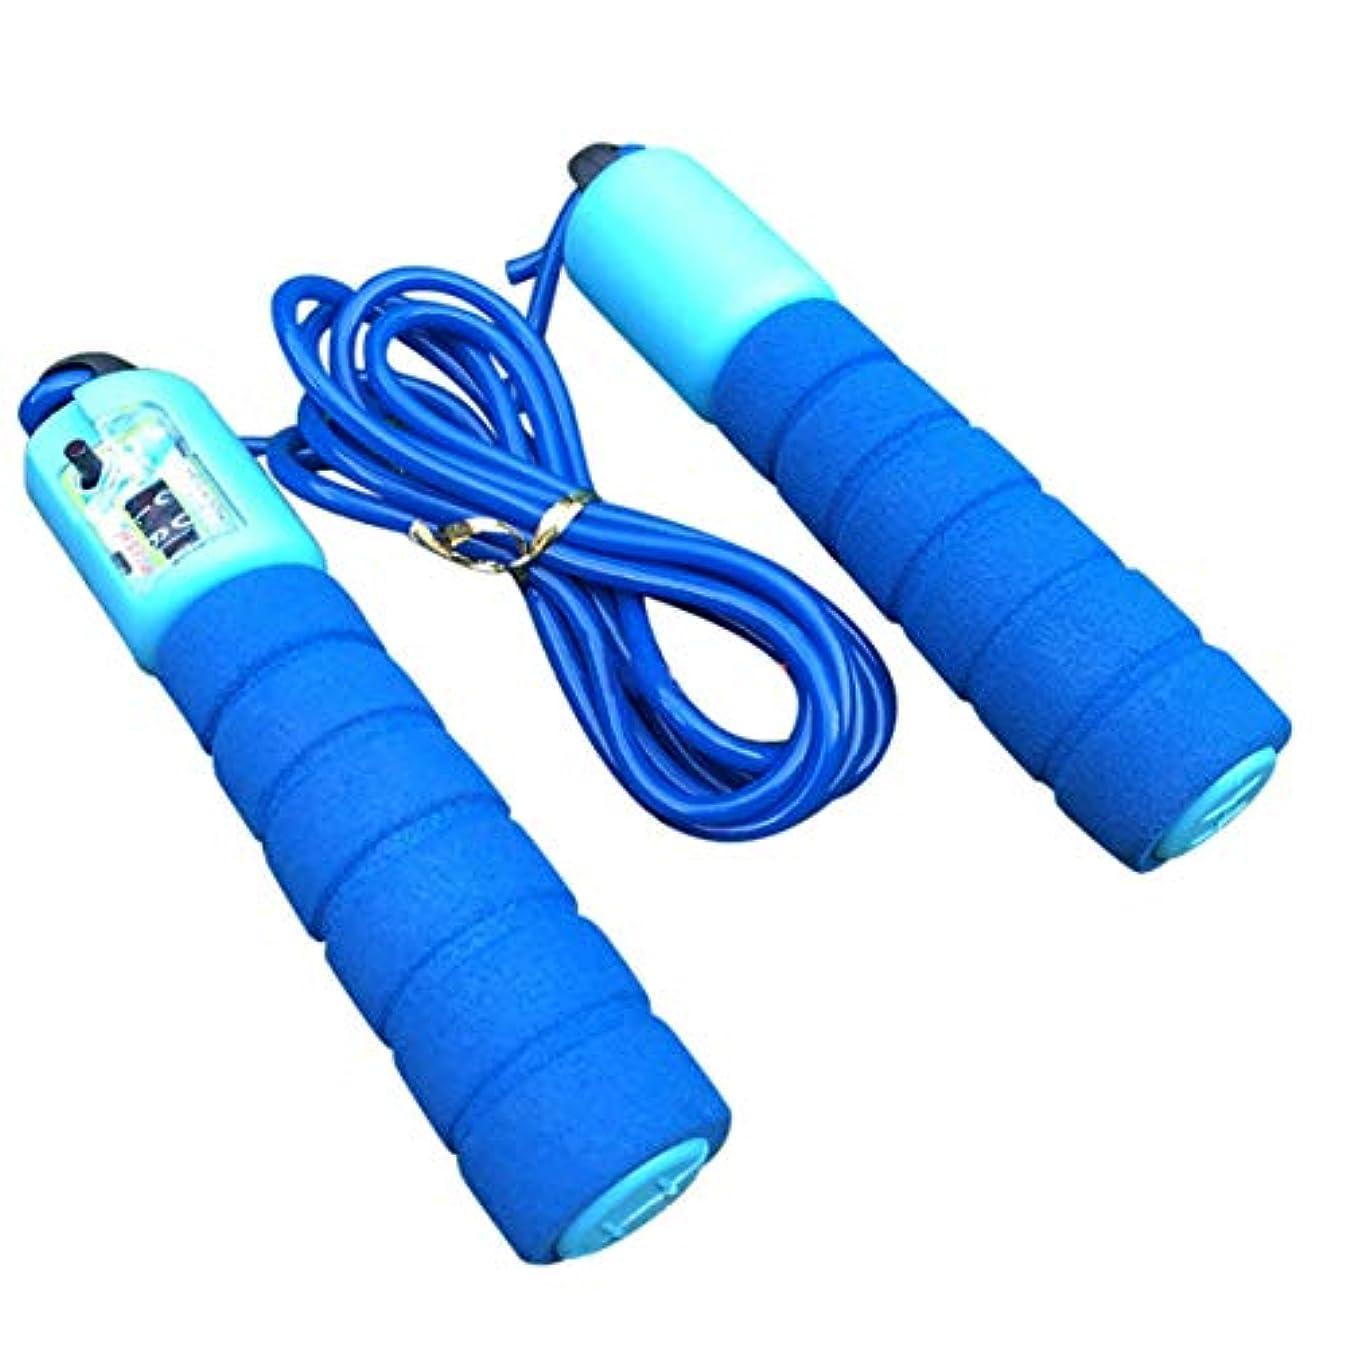 軽蔑失われたスカリー調整可能なプロフェッショナルカウント縄跳び自動カウントジャンプロープフィットネス運動高速カウントジャンプロープ - 青